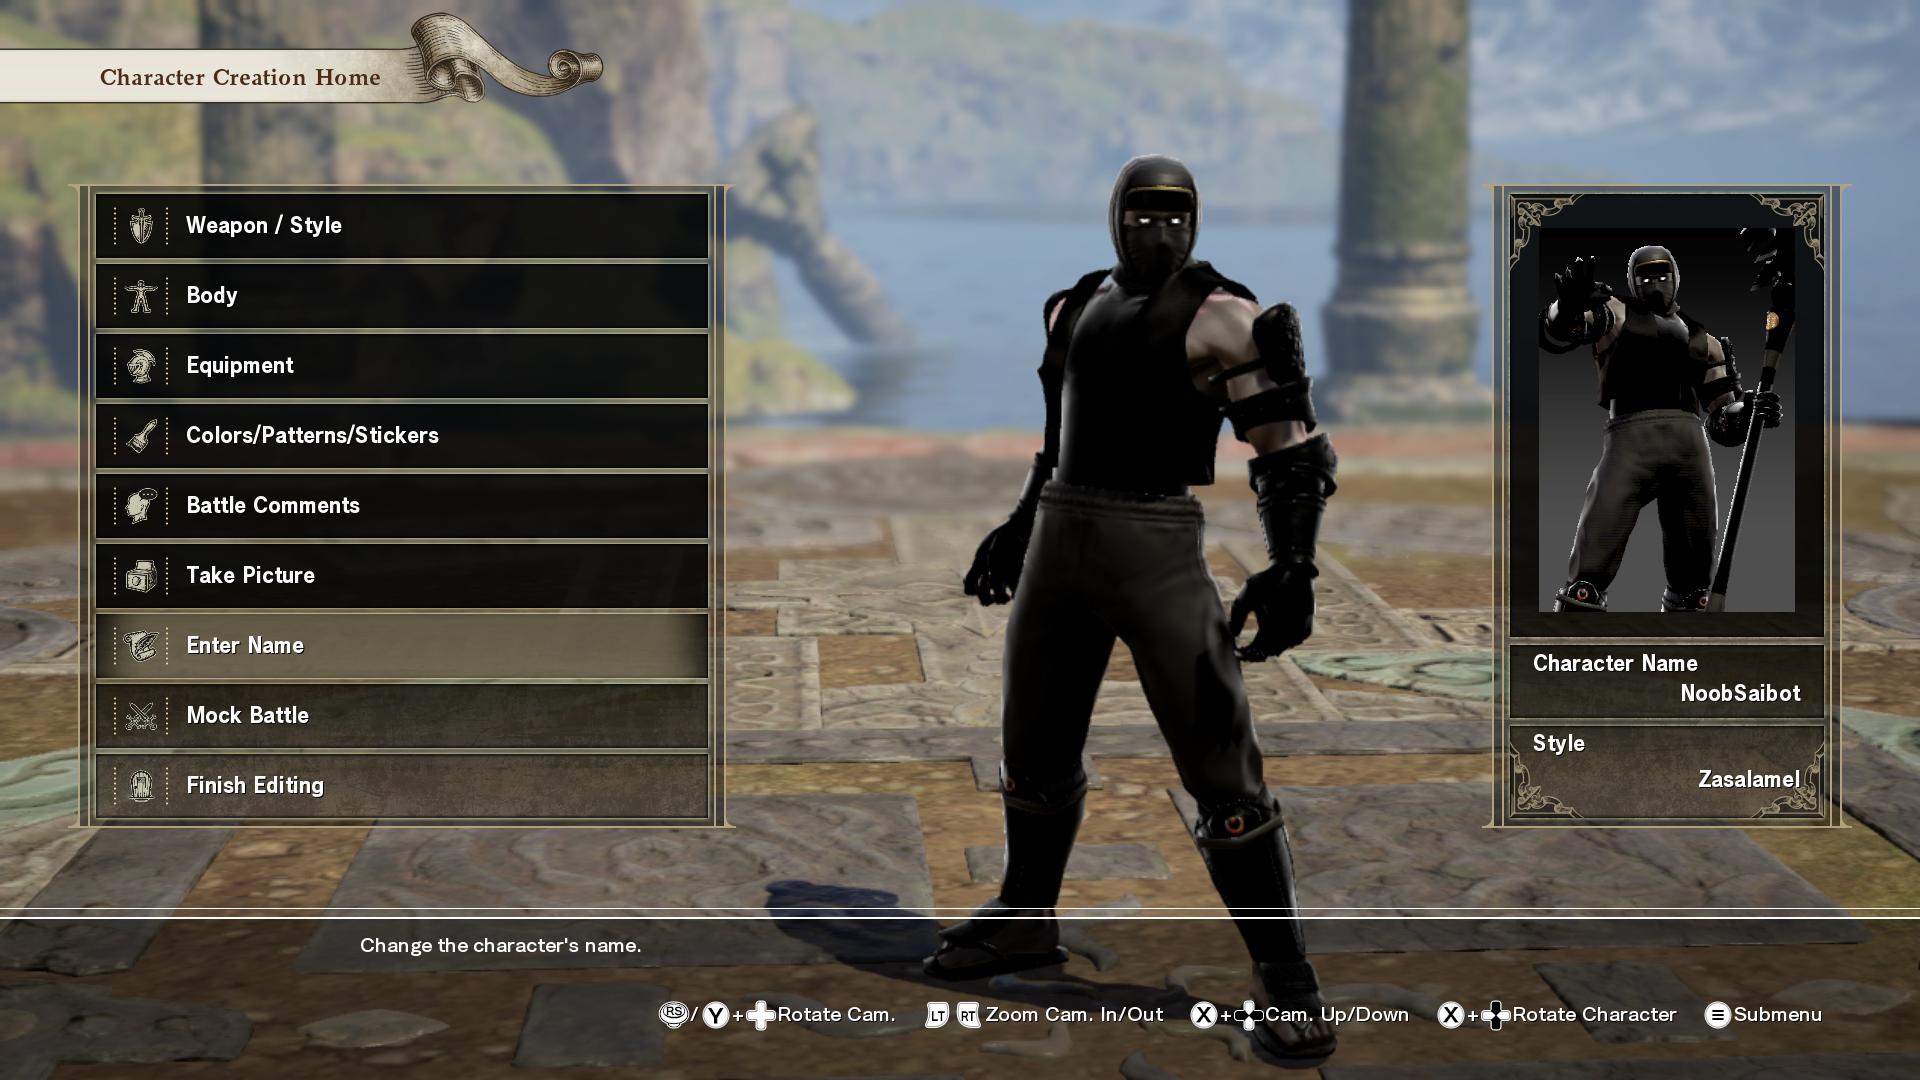 Creating all Mortal Kombat 11 Fighters in Soul Calibur VI